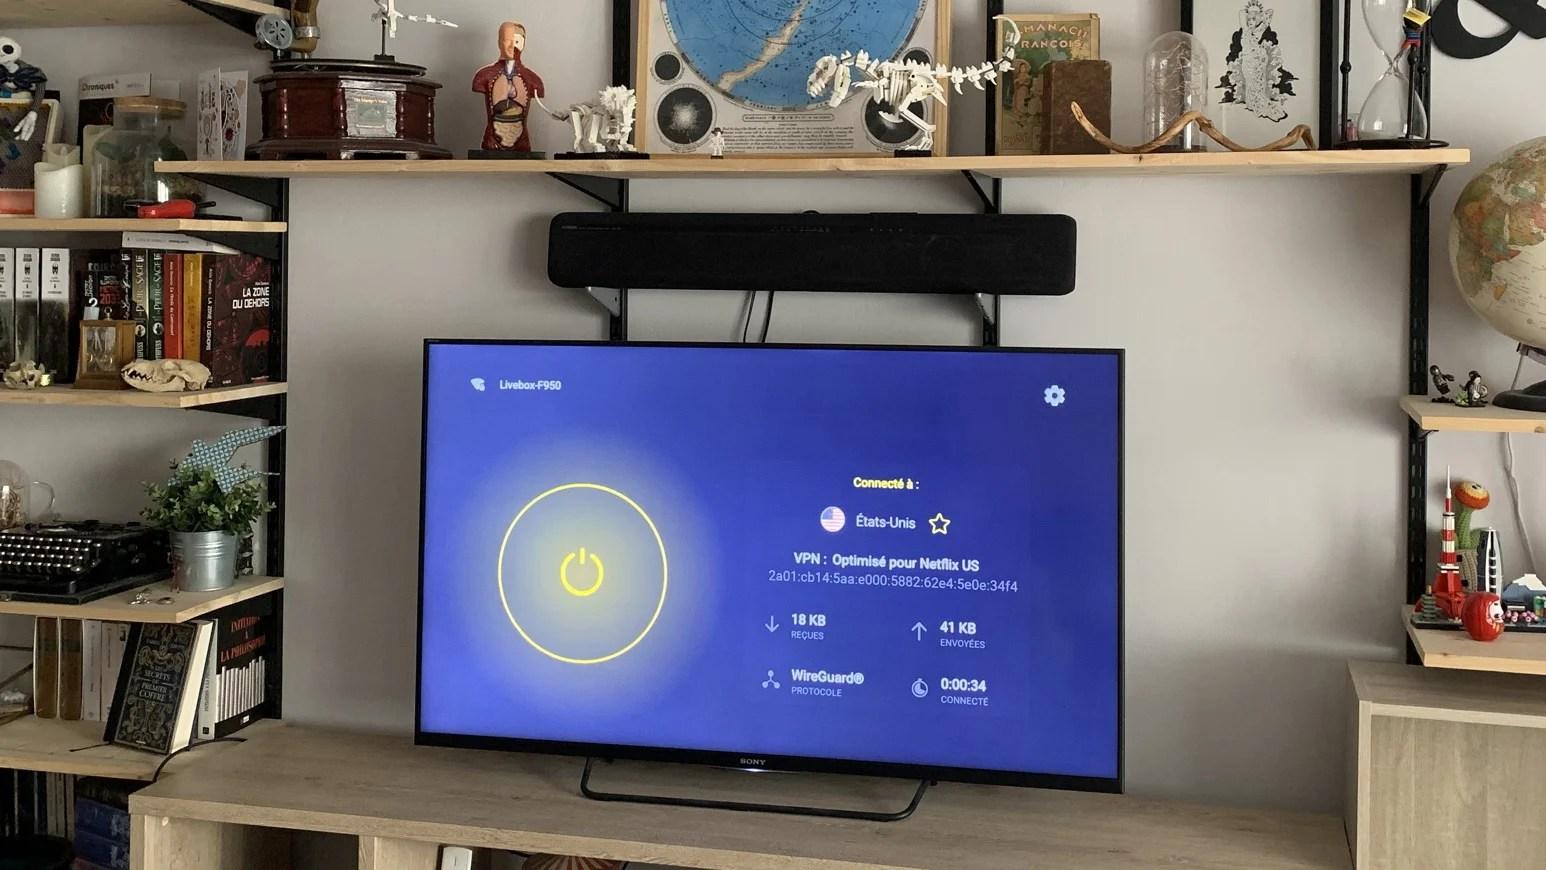 Comment installer et utiliser un VPN sur sa TV connectée ?